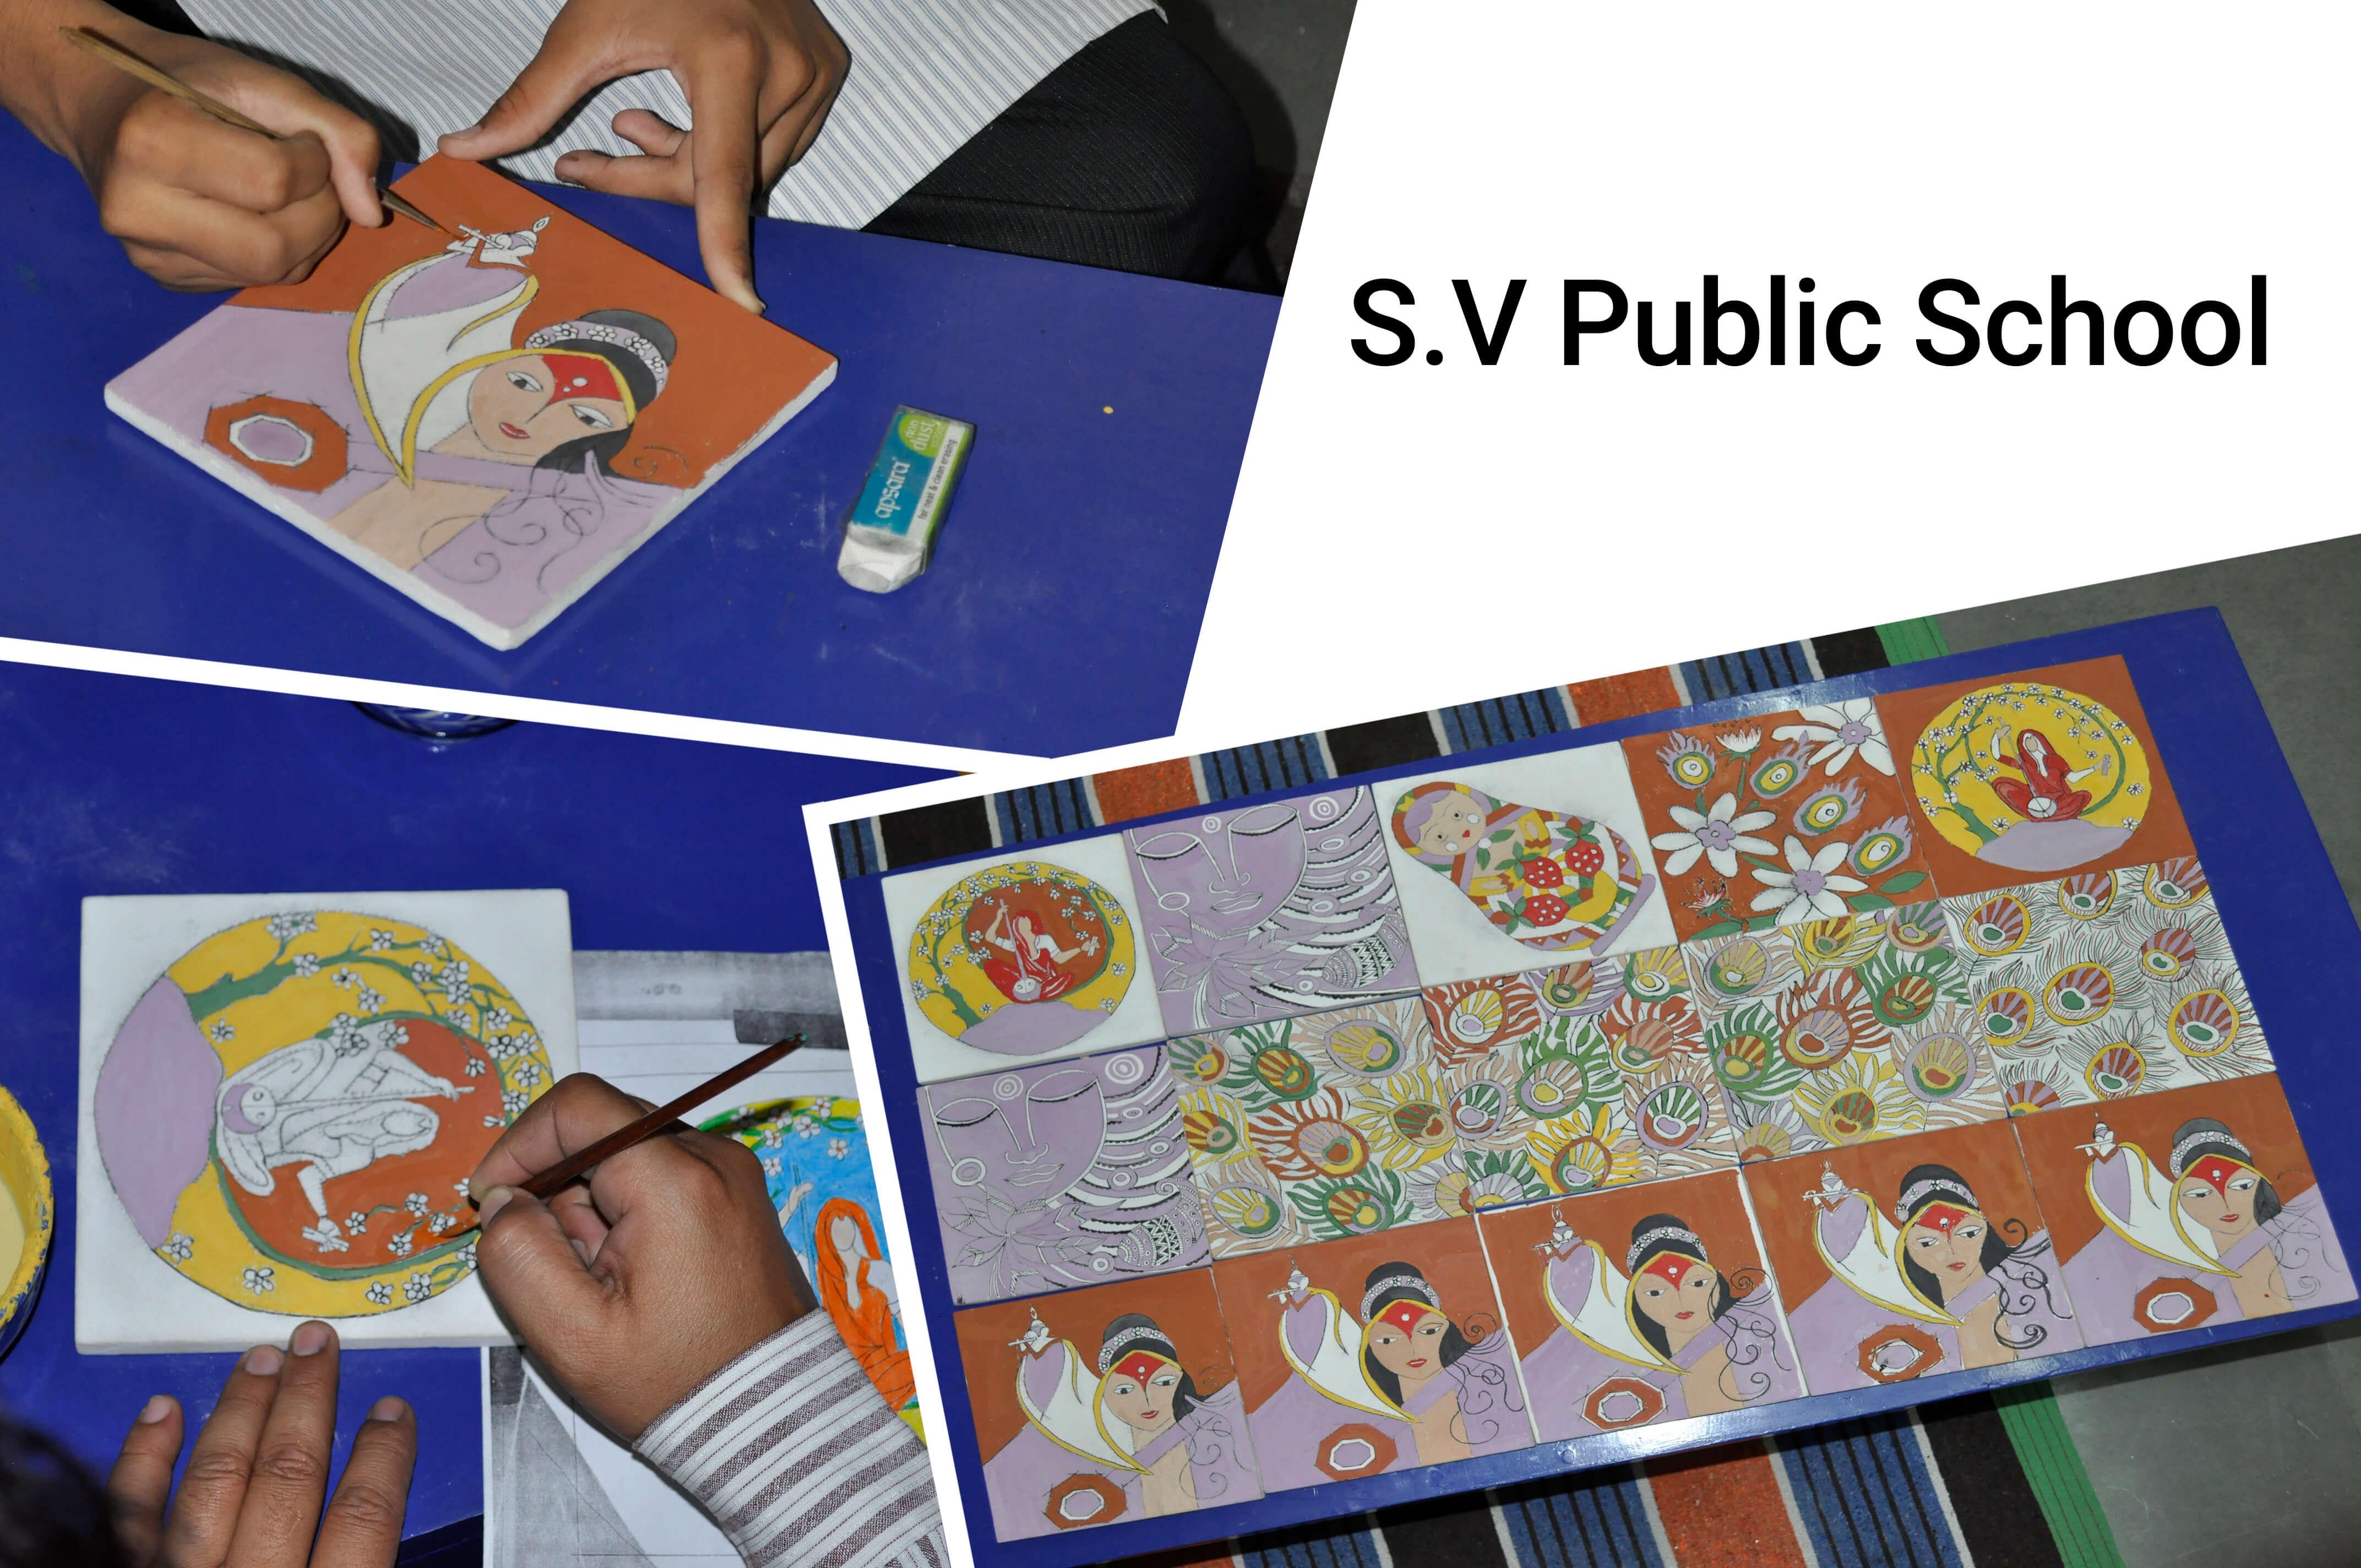 S.V Public School